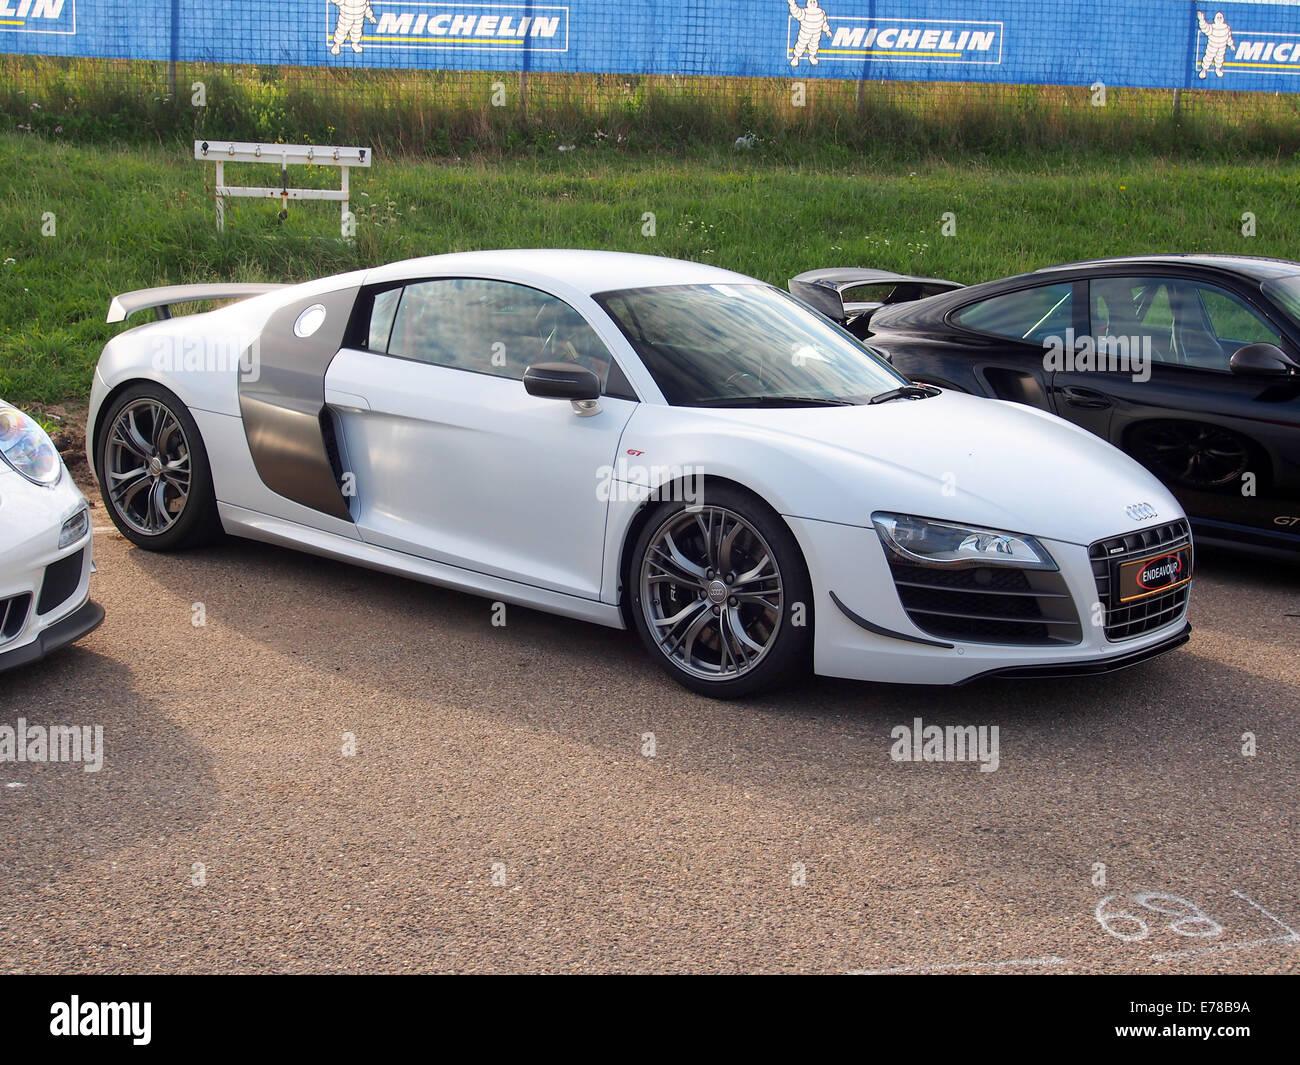 White Audi R Stock Photos White Audi R Stock Images Alamy - White audi r8